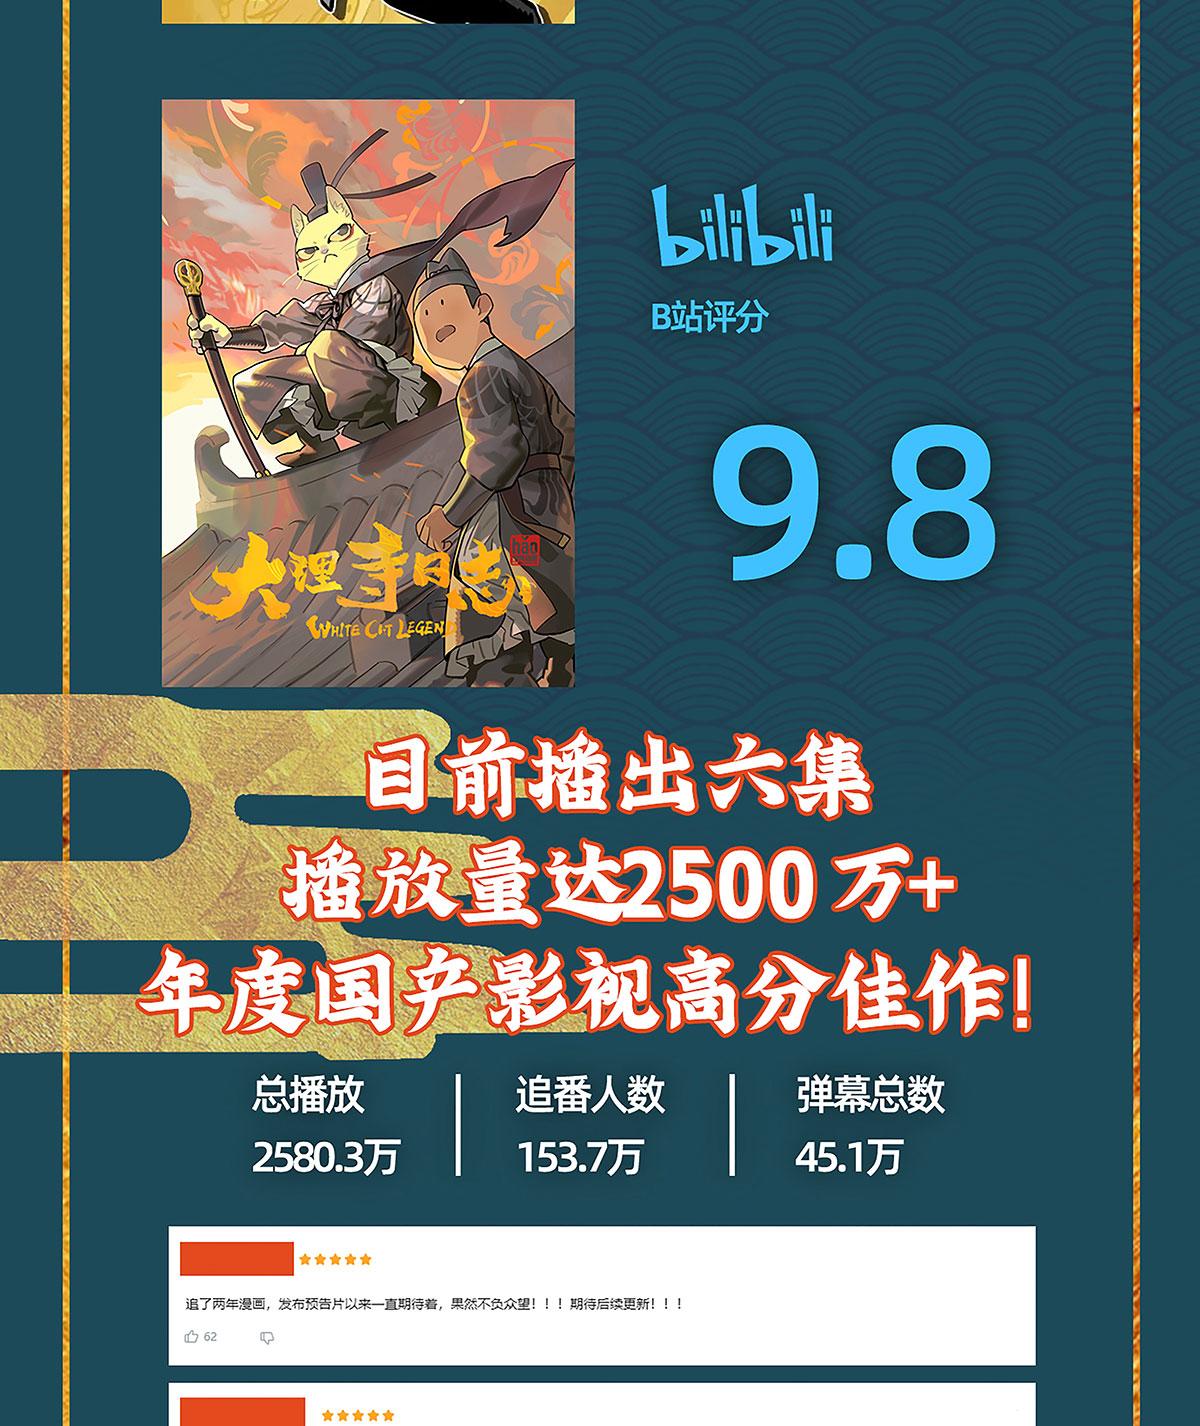 众筹长图_08.jpg